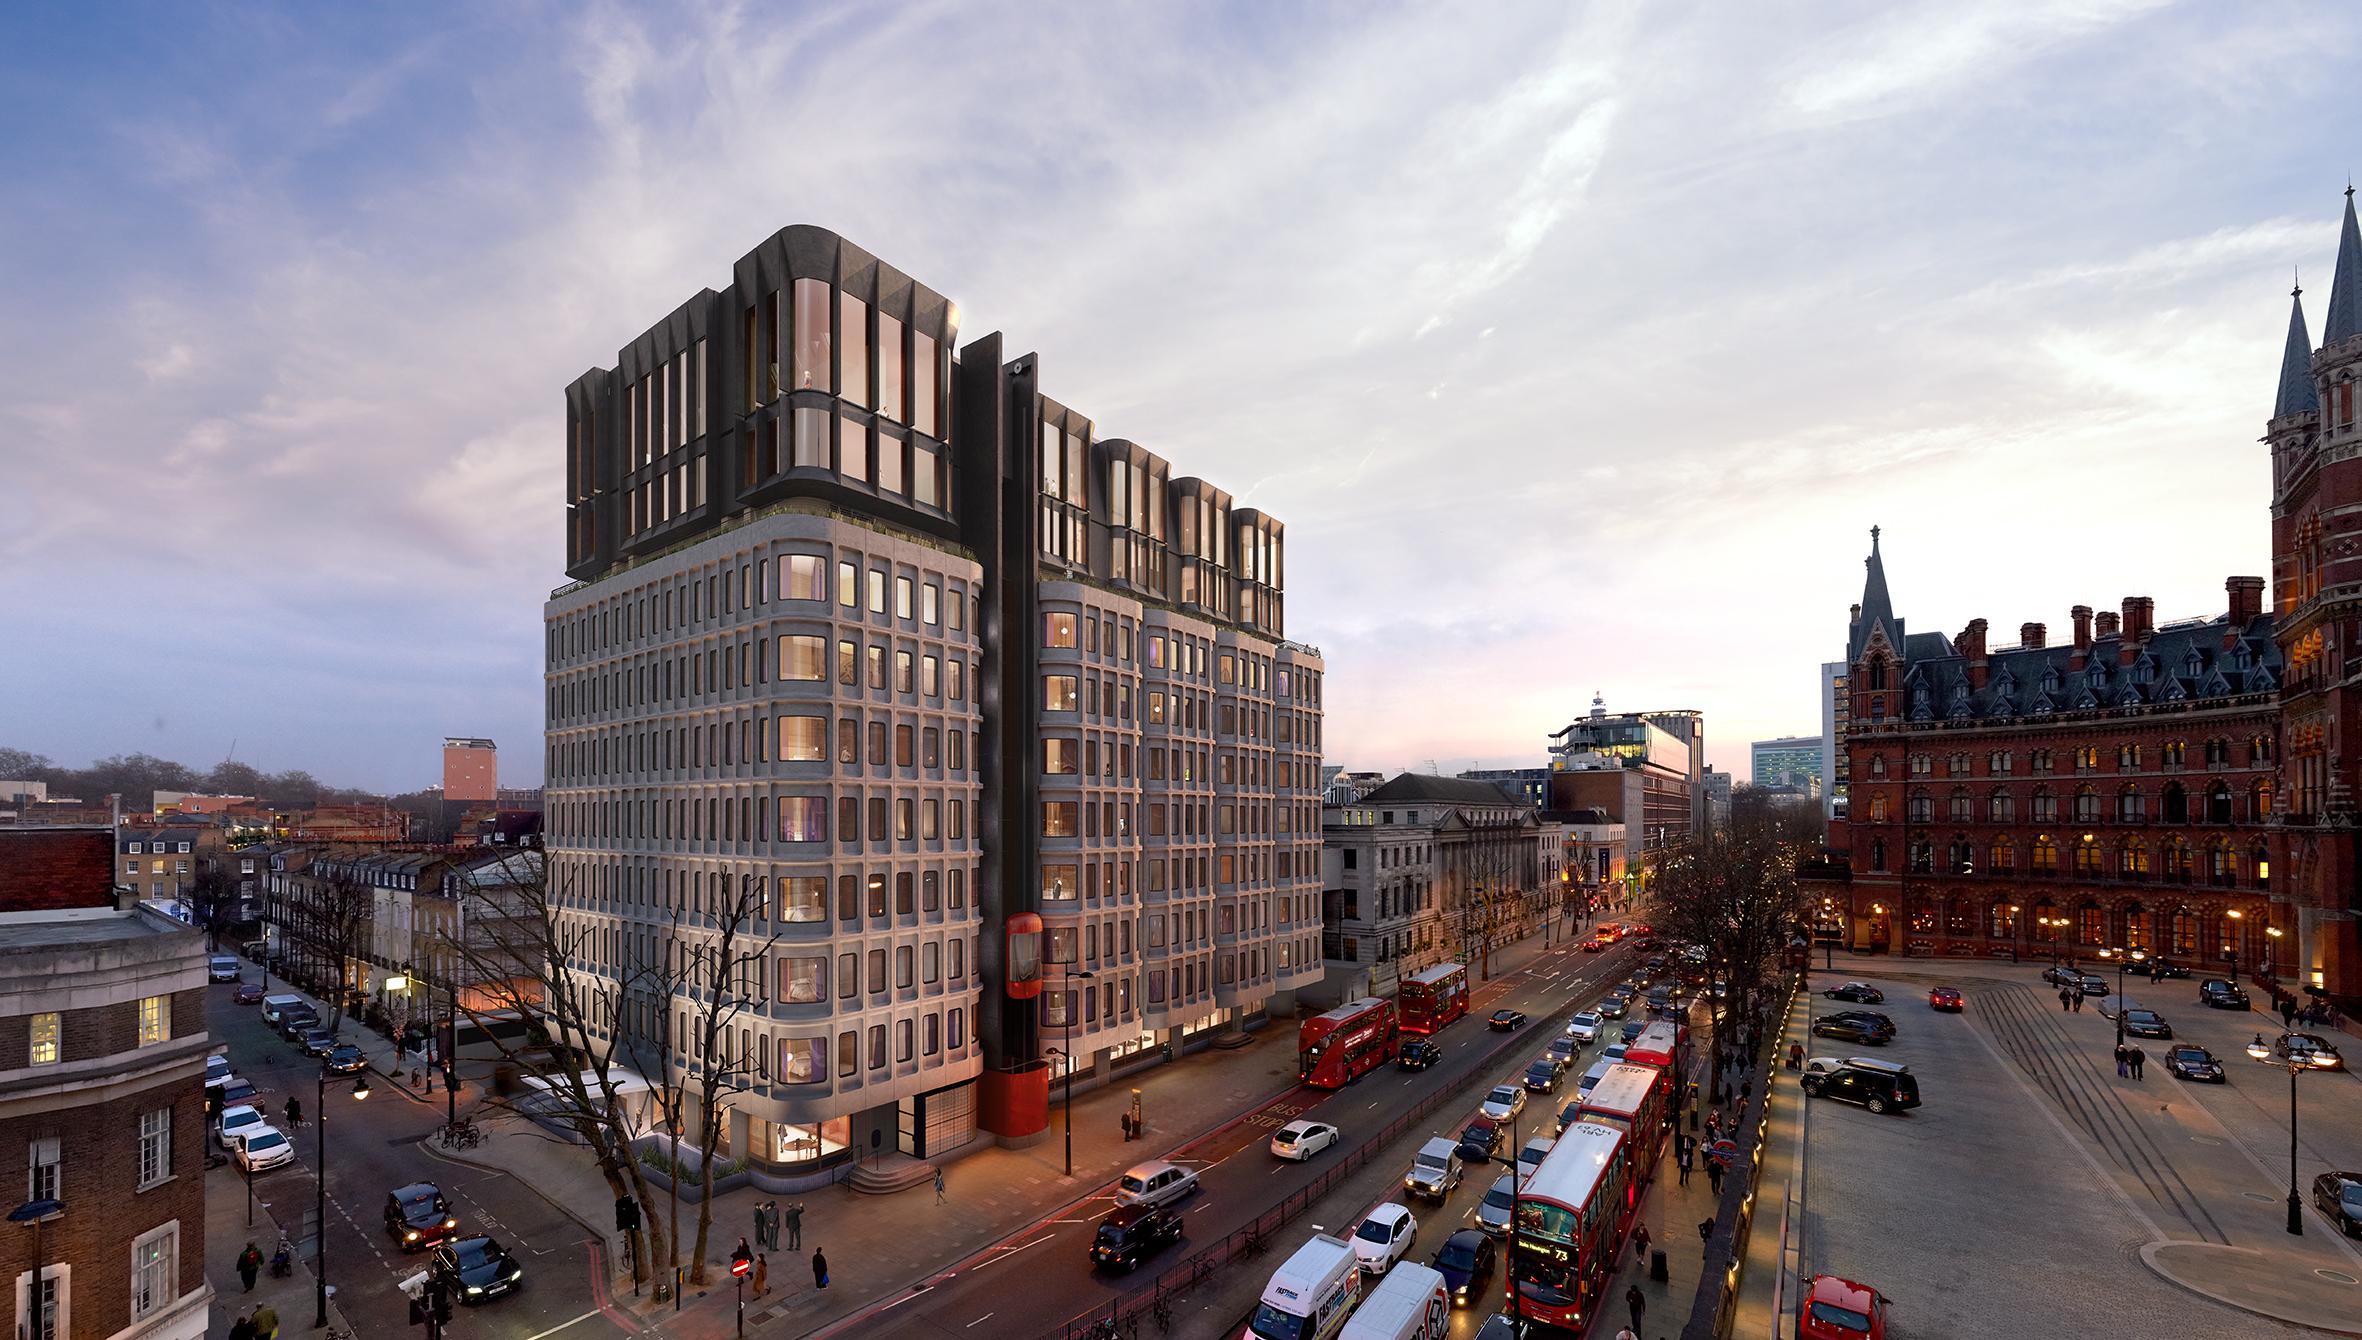 Standard London Hotel (Kings Cross)